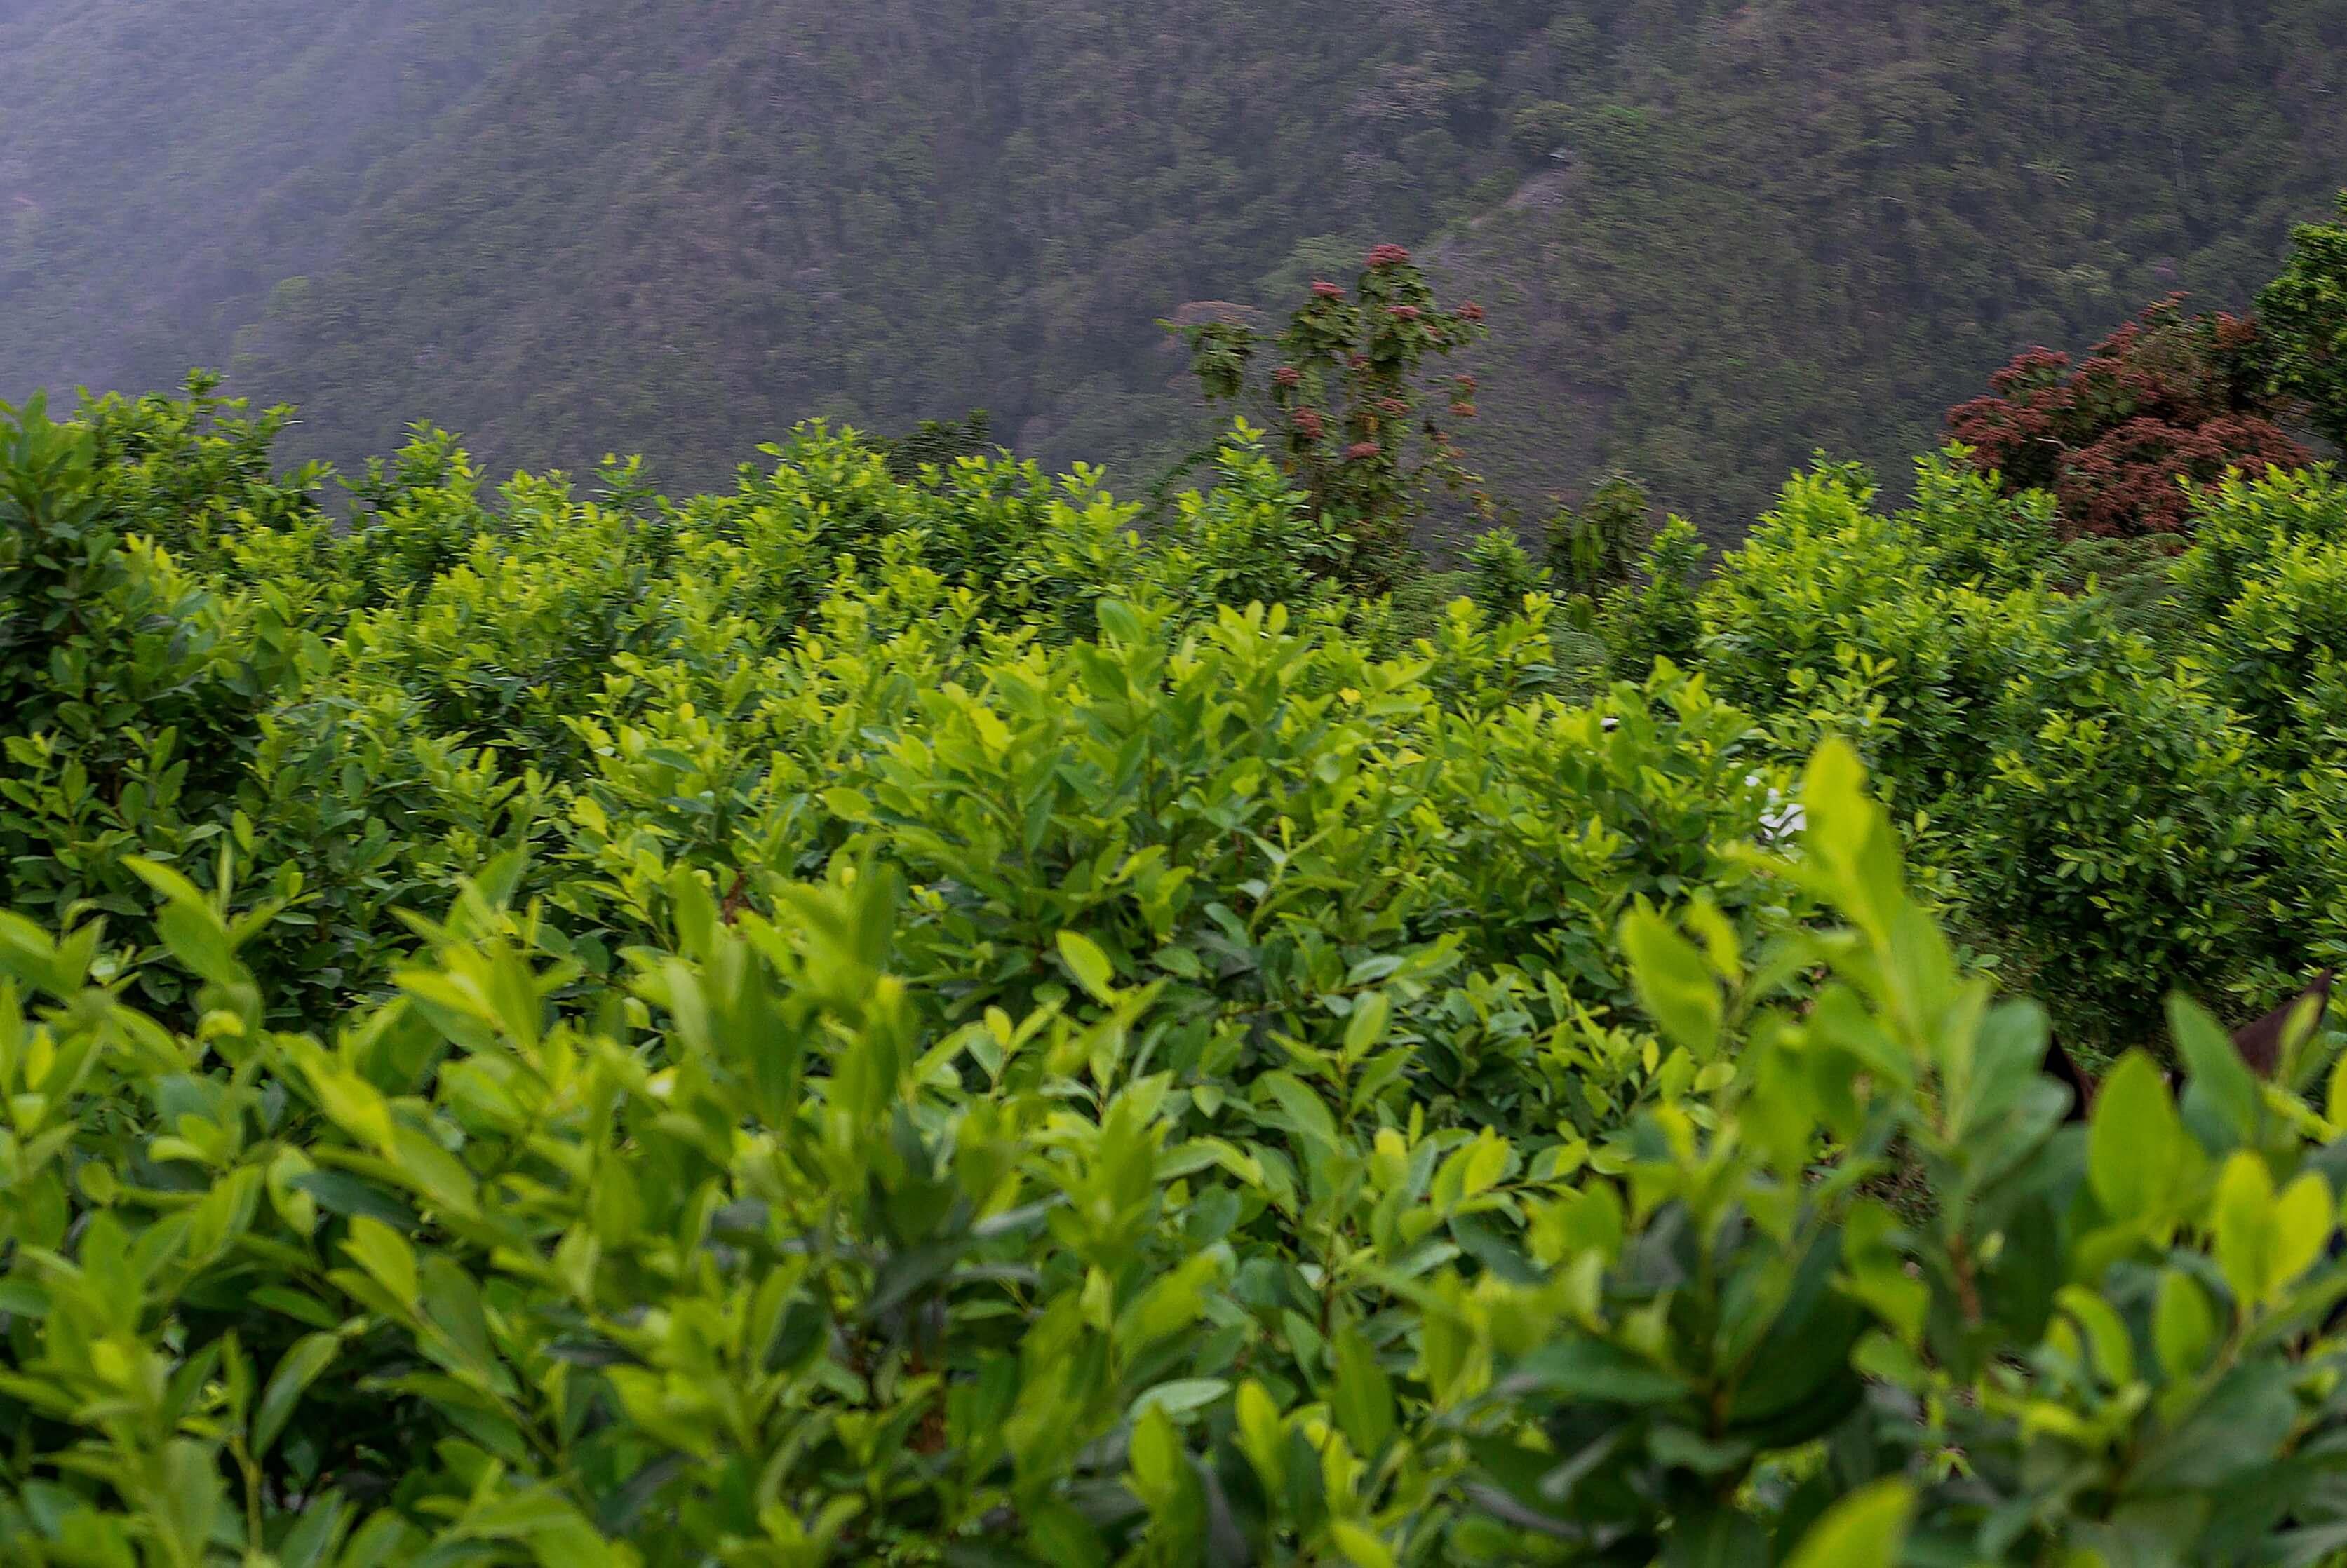 ¿Un campesino podría ser extraditado a Estados Unidos por cultivar coca en Colombia?